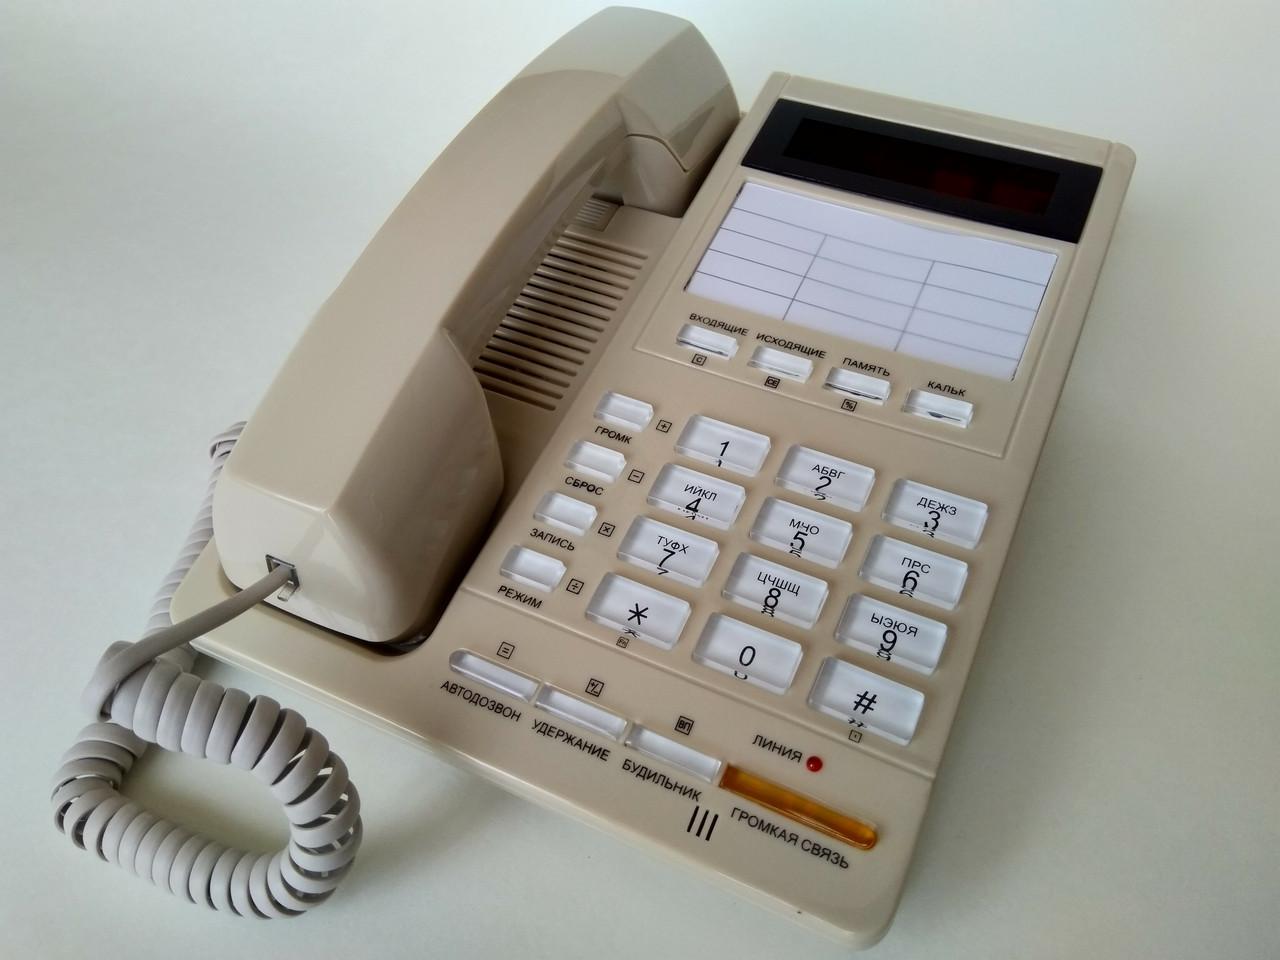 aab3febf98ca3 Многофункциональный телефон с АОН Русь-28(Соната), цена 790 грн., купить в  Харькове — Prom.ua (ID#658047001)